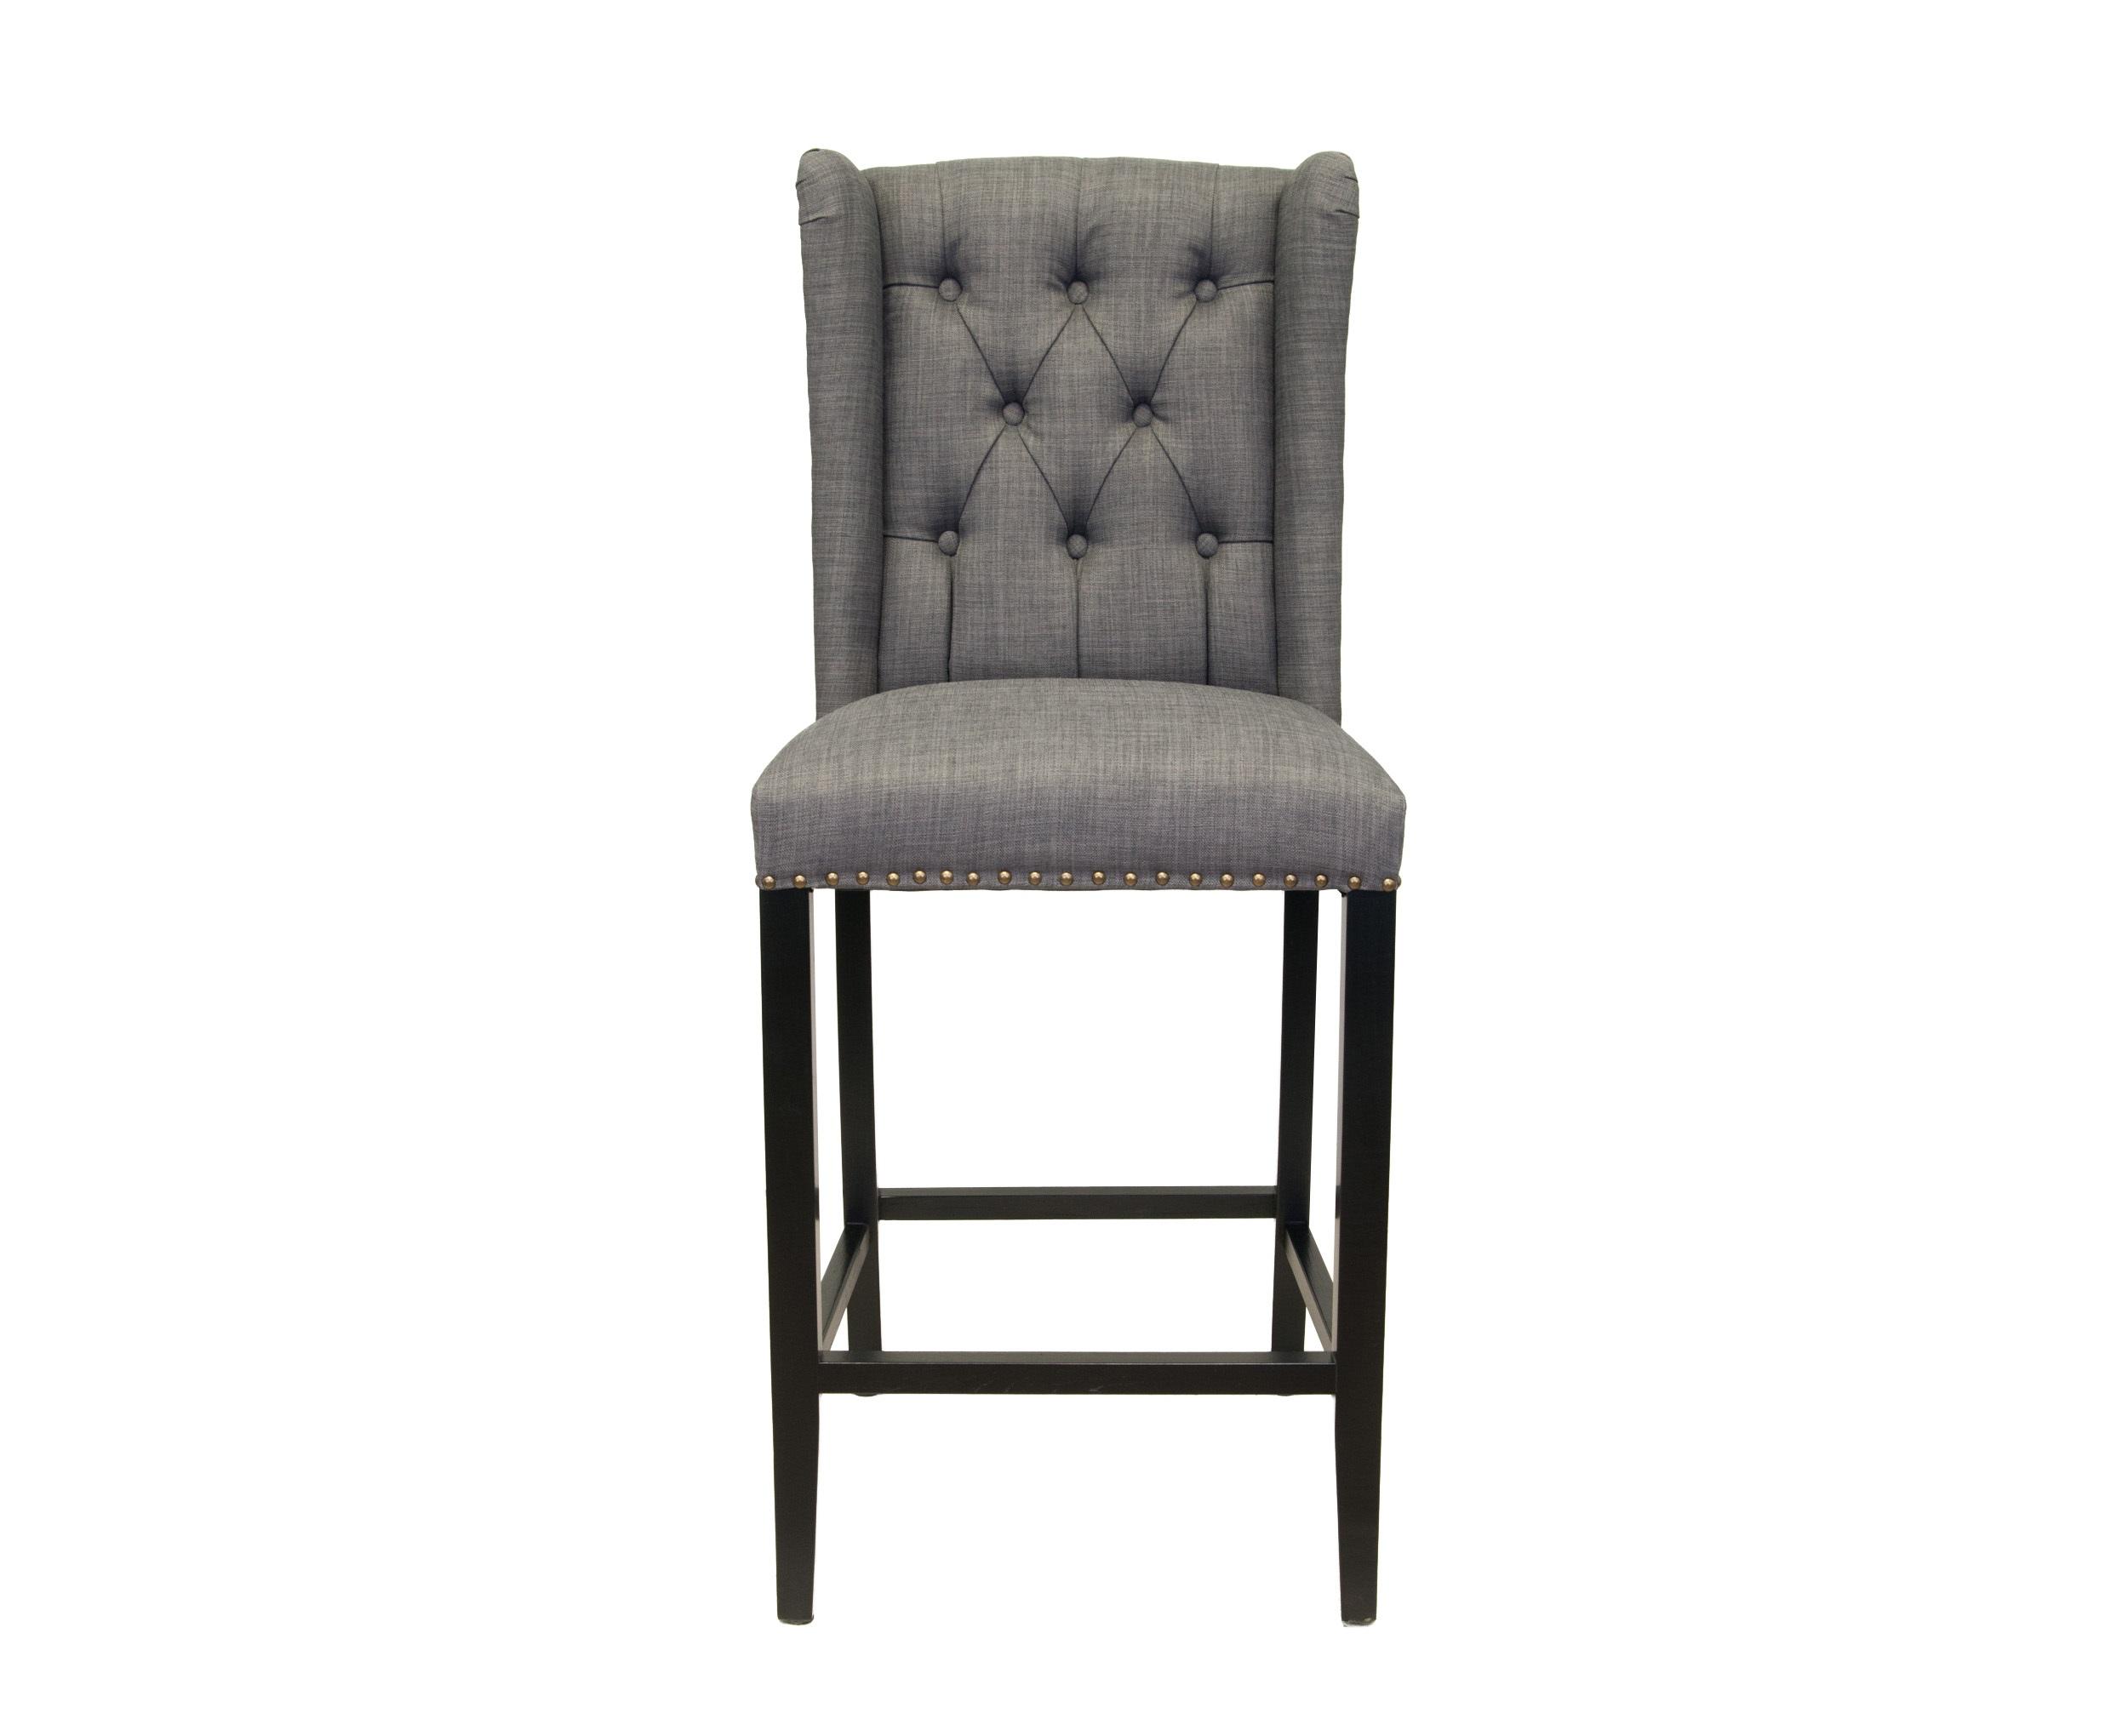 Стул Skipton greyБарные стулья<br>Высокий барный стул выполнен из экологически чистого массива древесины высокого качества. Лаконичный дизайн и современный стиль модели сделают Ваш интерьер еще более комфортным для жизни.&amp;amp;nbsp;&amp;lt;div&amp;gt;&amp;lt;br&amp;gt;&amp;lt;/div&amp;gt;&amp;lt;div&amp;gt;Материал обивки Лен: &amp;amp;nbsp;&amp;lt;/div&amp;gt;<br><br>Material: Дерево<br>Width см: 52<br>Depth см: 50<br>Height см: 125